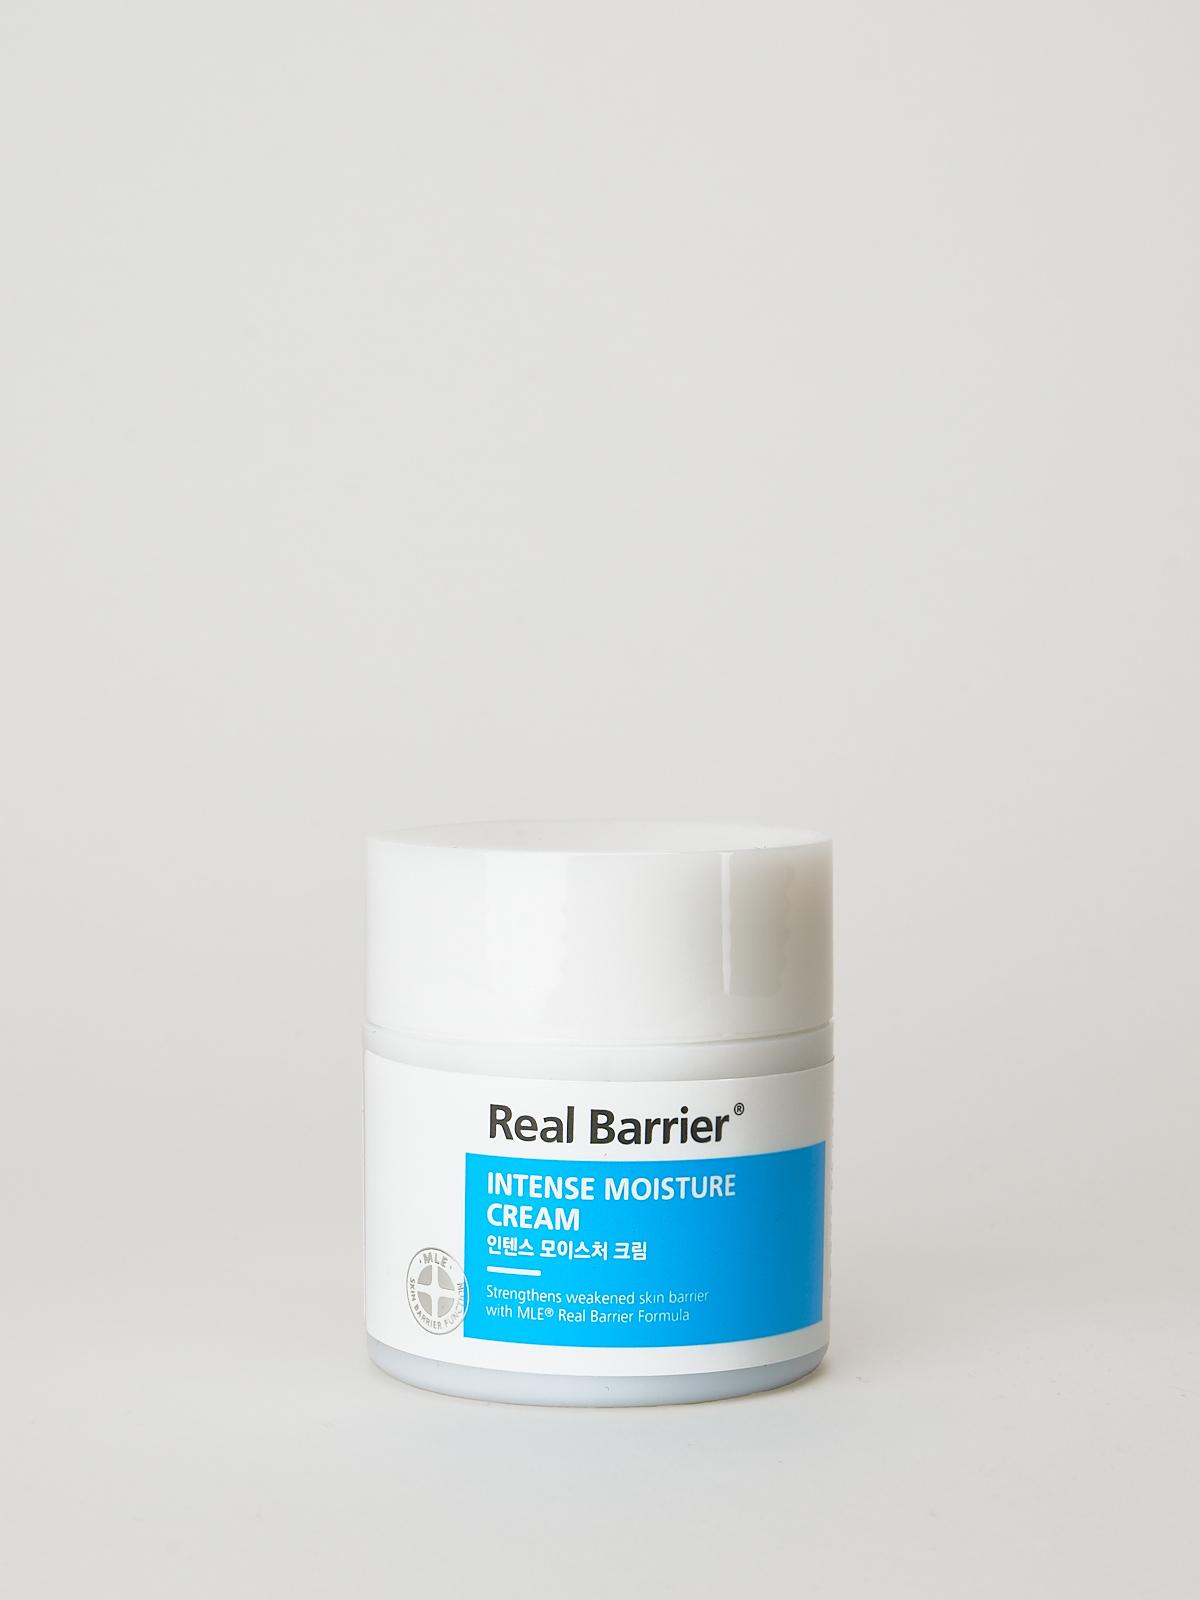 Real Barrier Intense Moisture Cream. K-Beauty Feuchtigkeitscreme in weiß blauer Dose mit weißem Deckel.